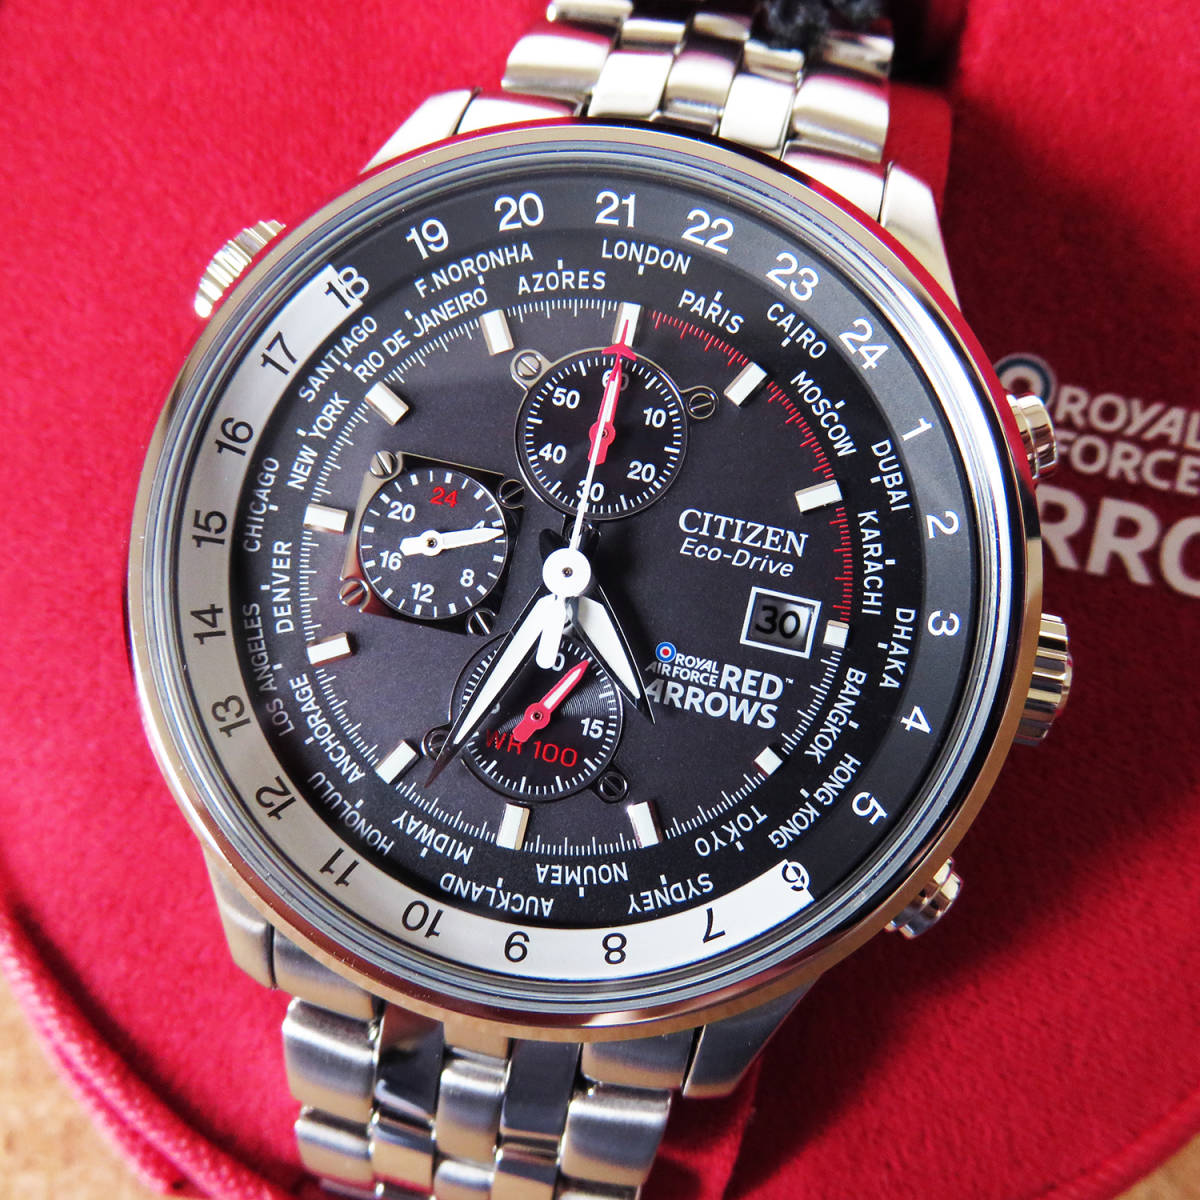 collection - Monter une collection de montres à moins de 300€ N284402075.1